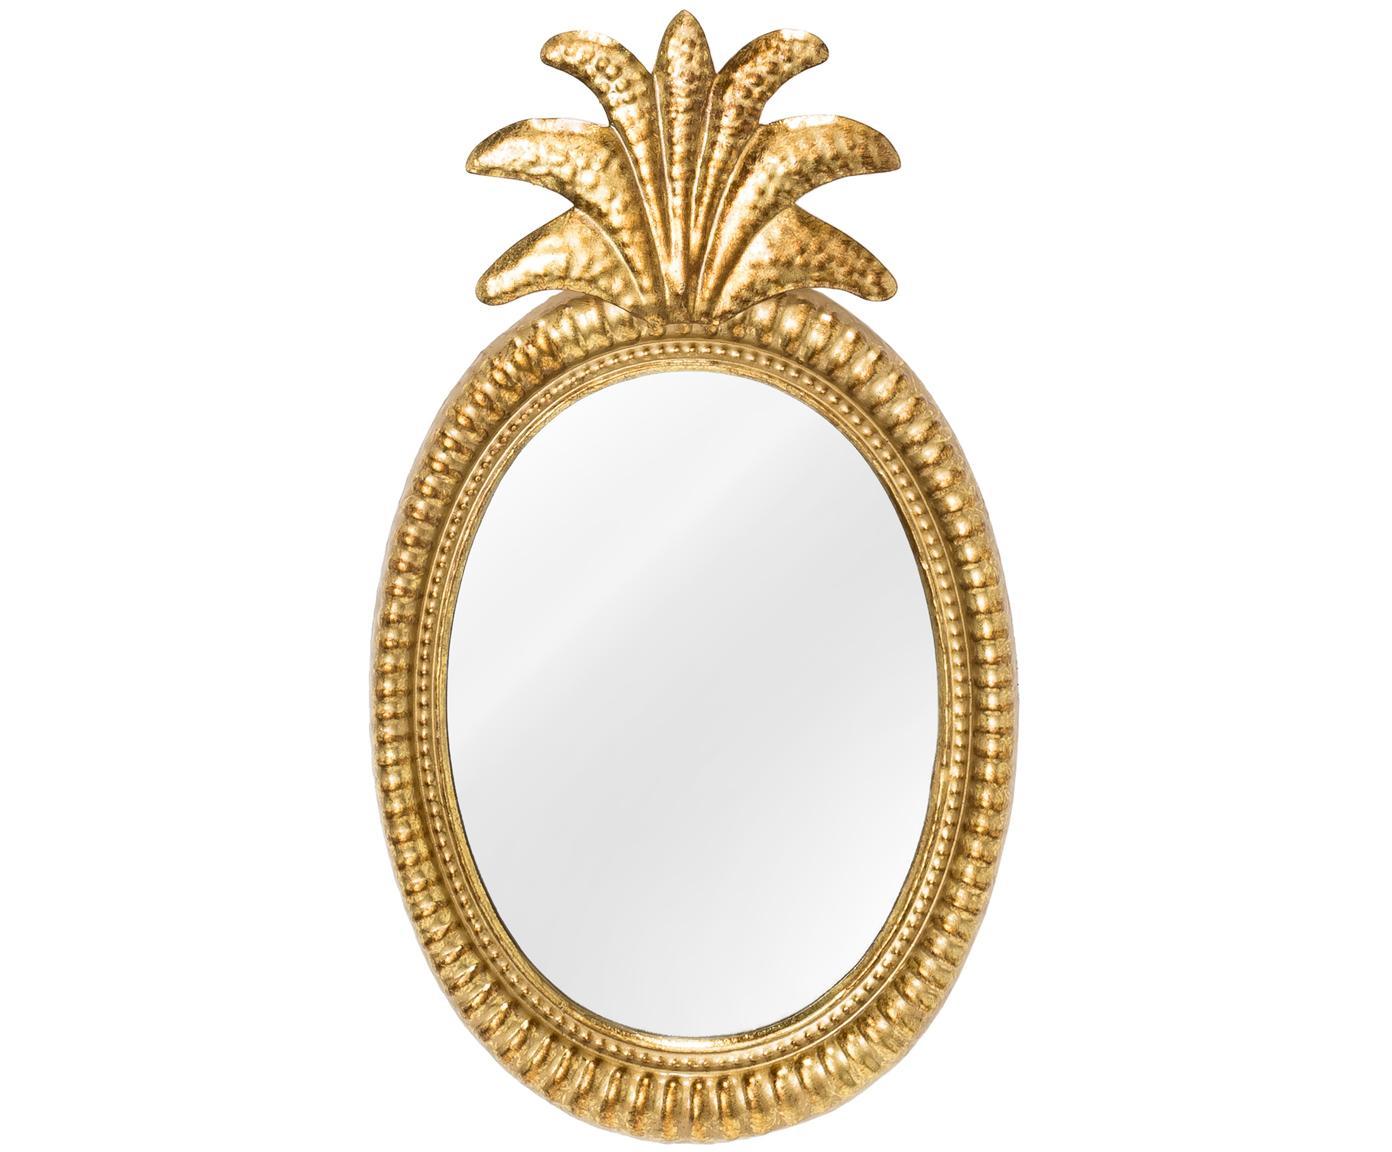 Wandspiegel Ana mit Messingrahmen, Rahmen: Metall, beschichtet, Spiegelfläche: Spiegelglas, Goldfarben, 27 x 49 cm